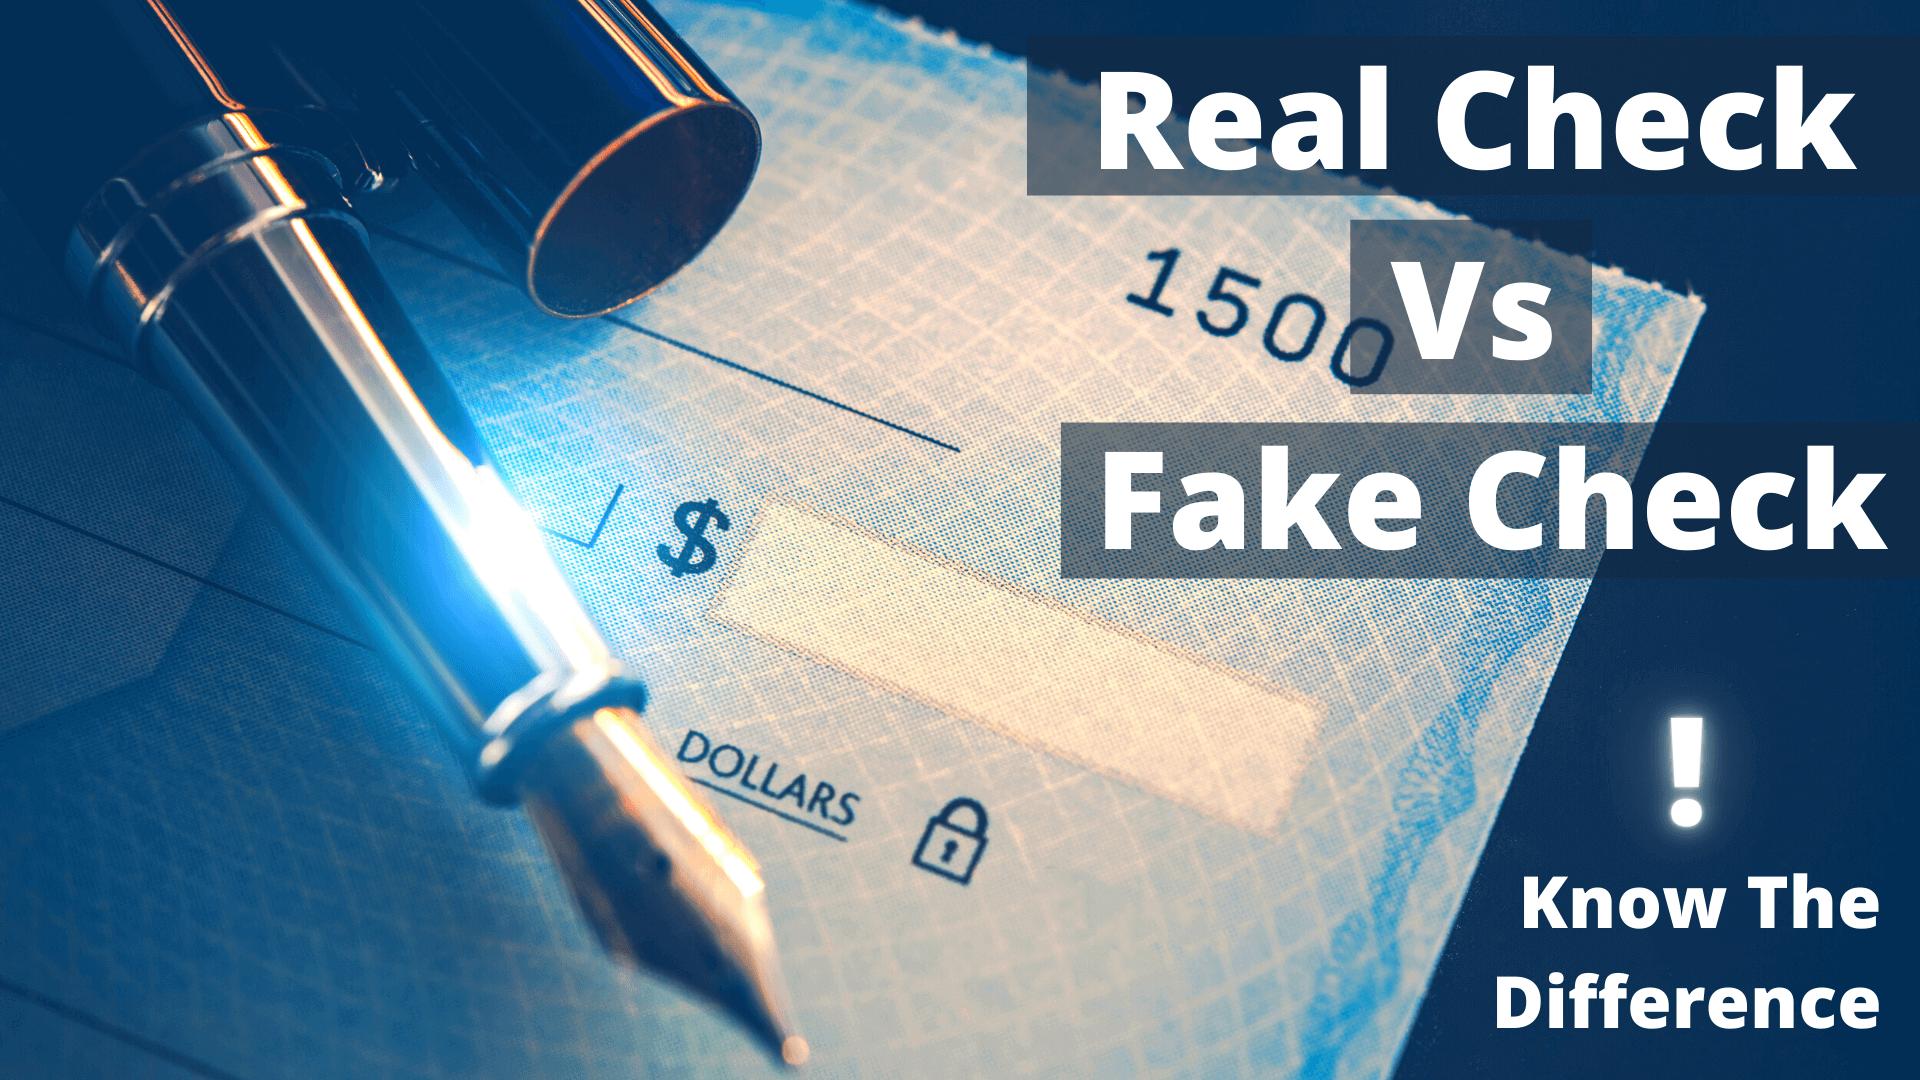 Real Check Vs Fake Check